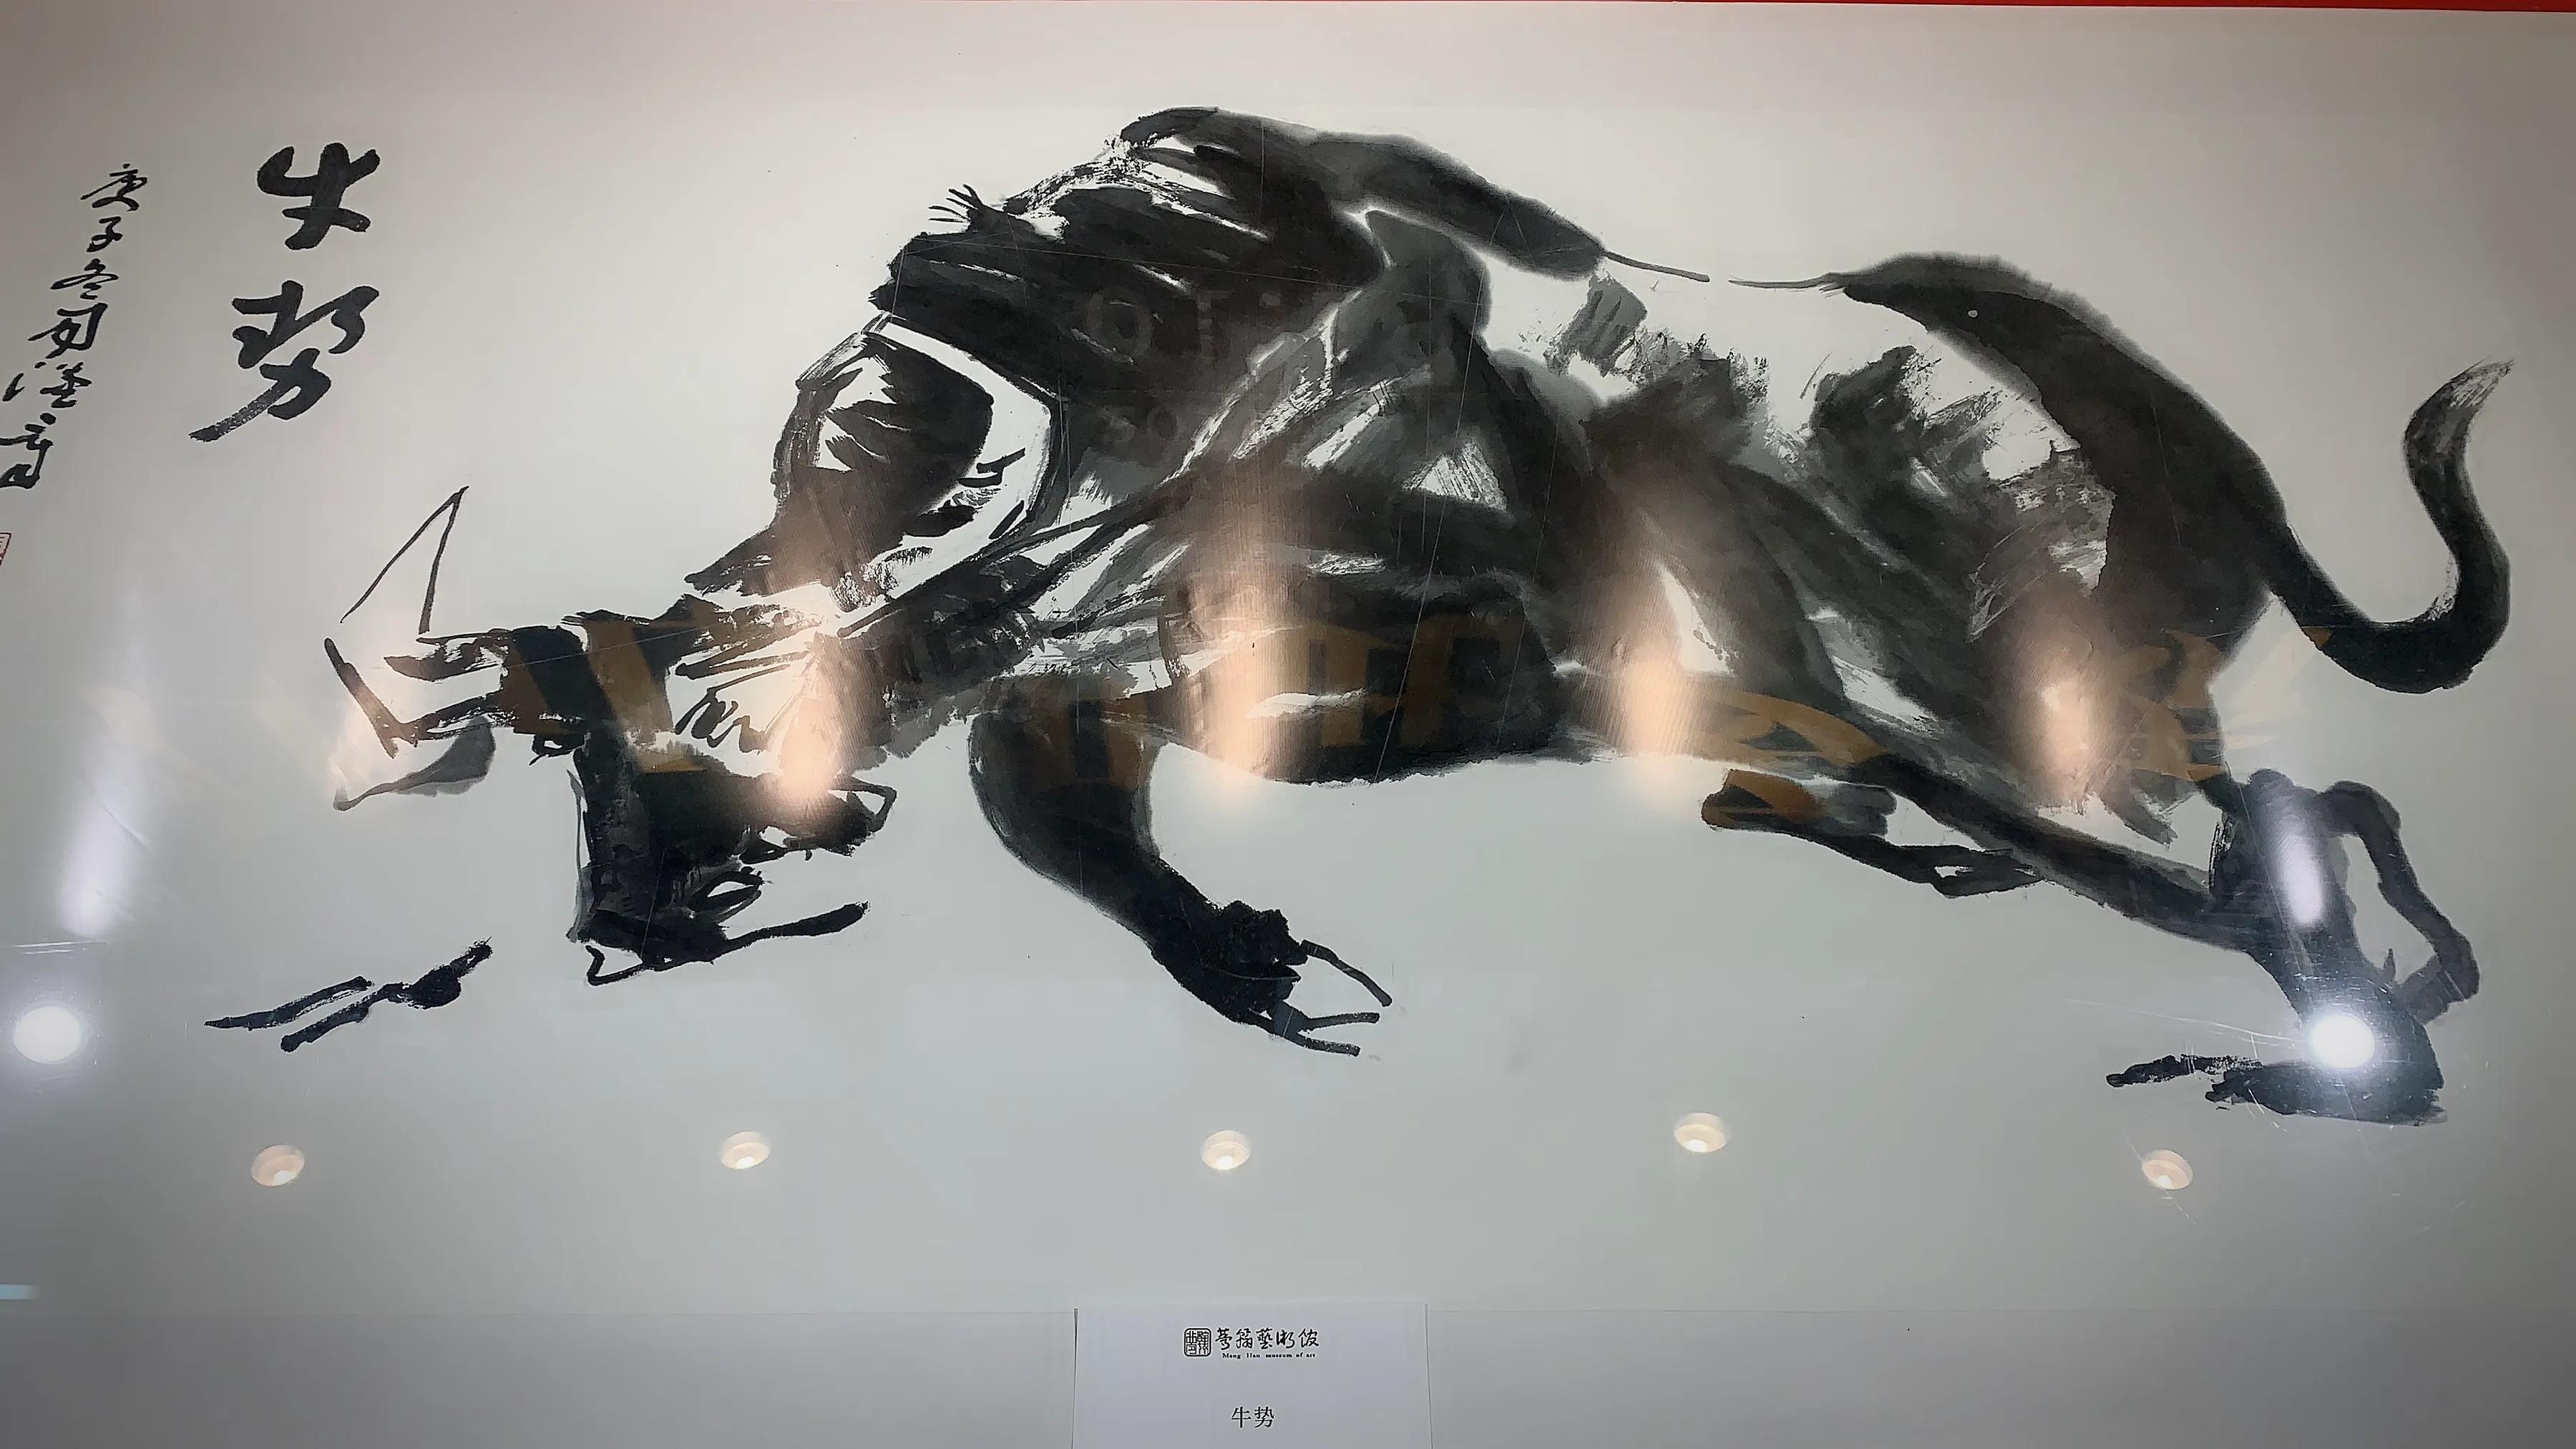 《江山如此多娇—周汉章书画摄影艺术展》武汉晴川阁开展